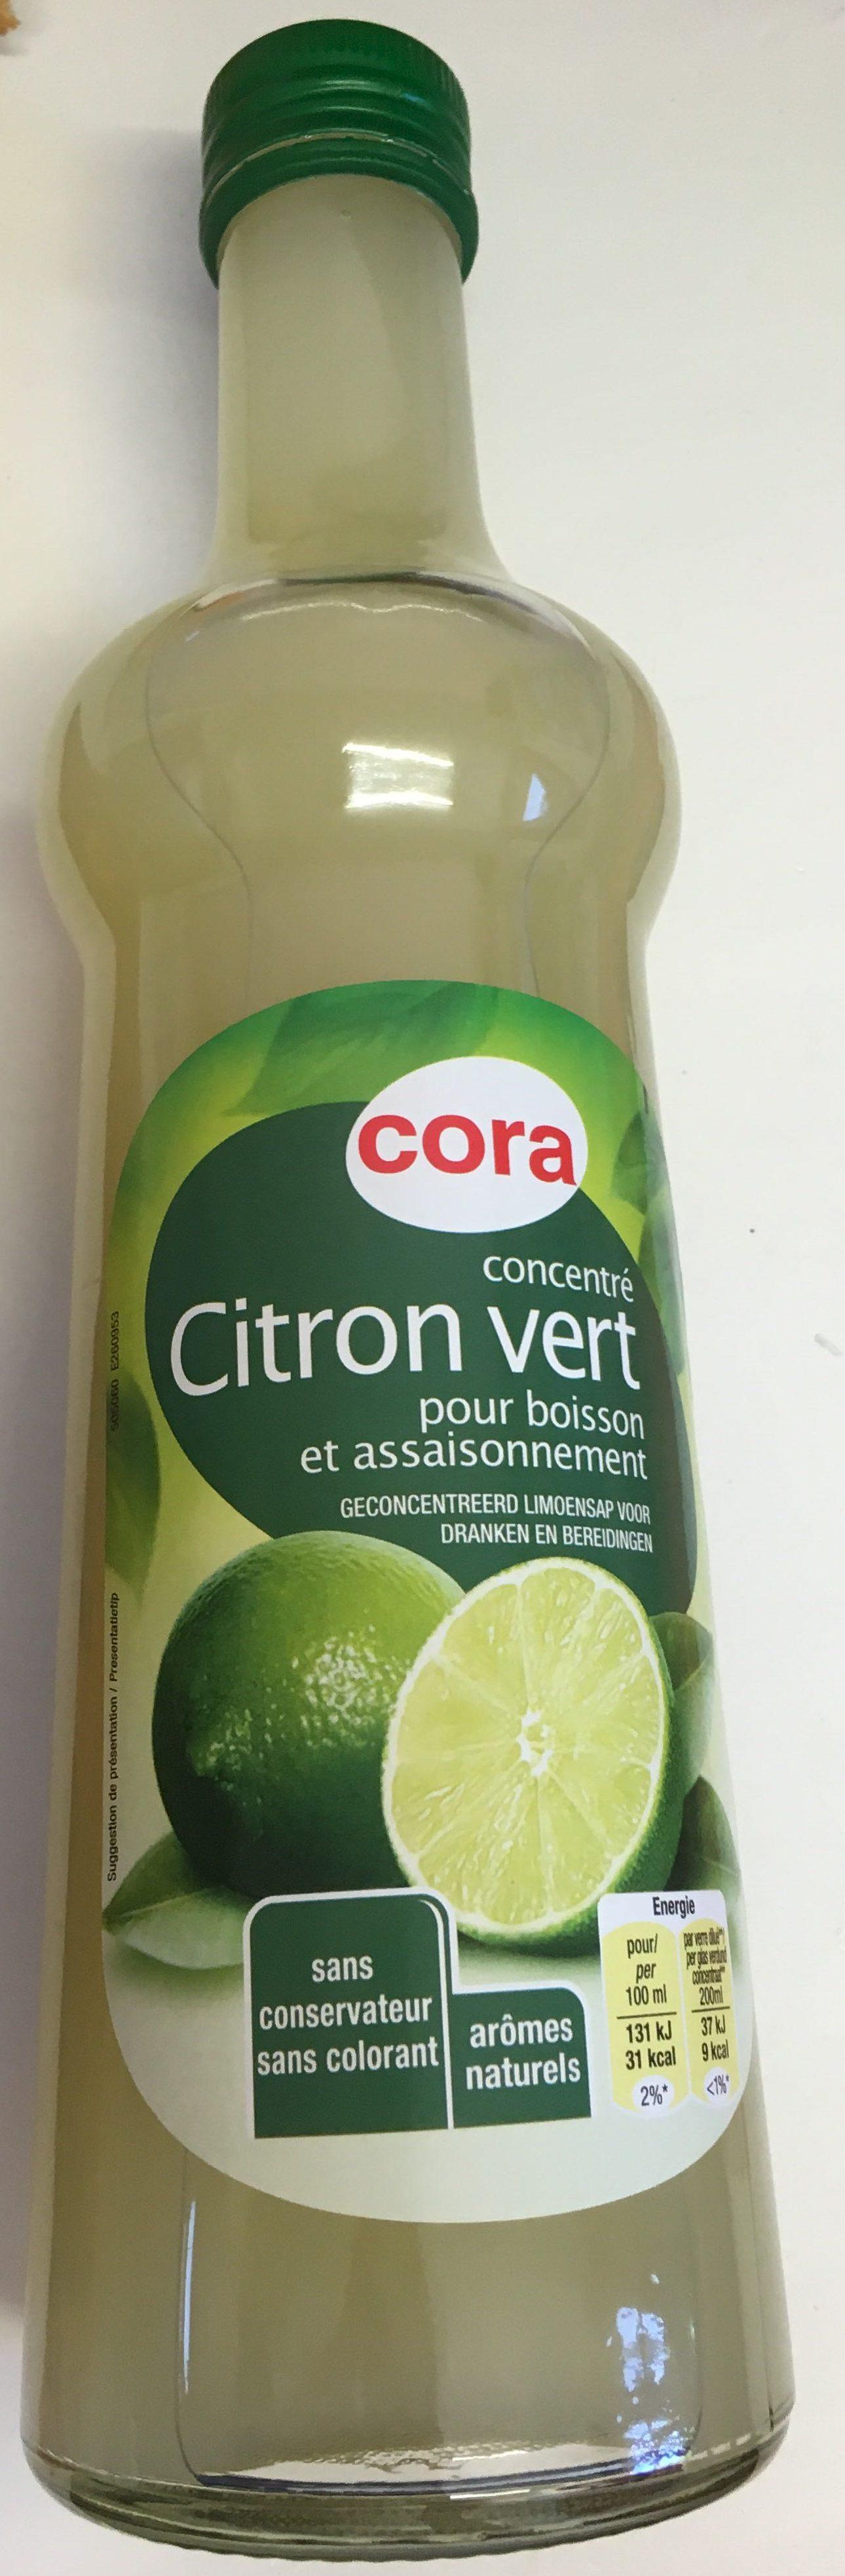 Concentré de Citron vert pour boisson et assaisonnement - Product